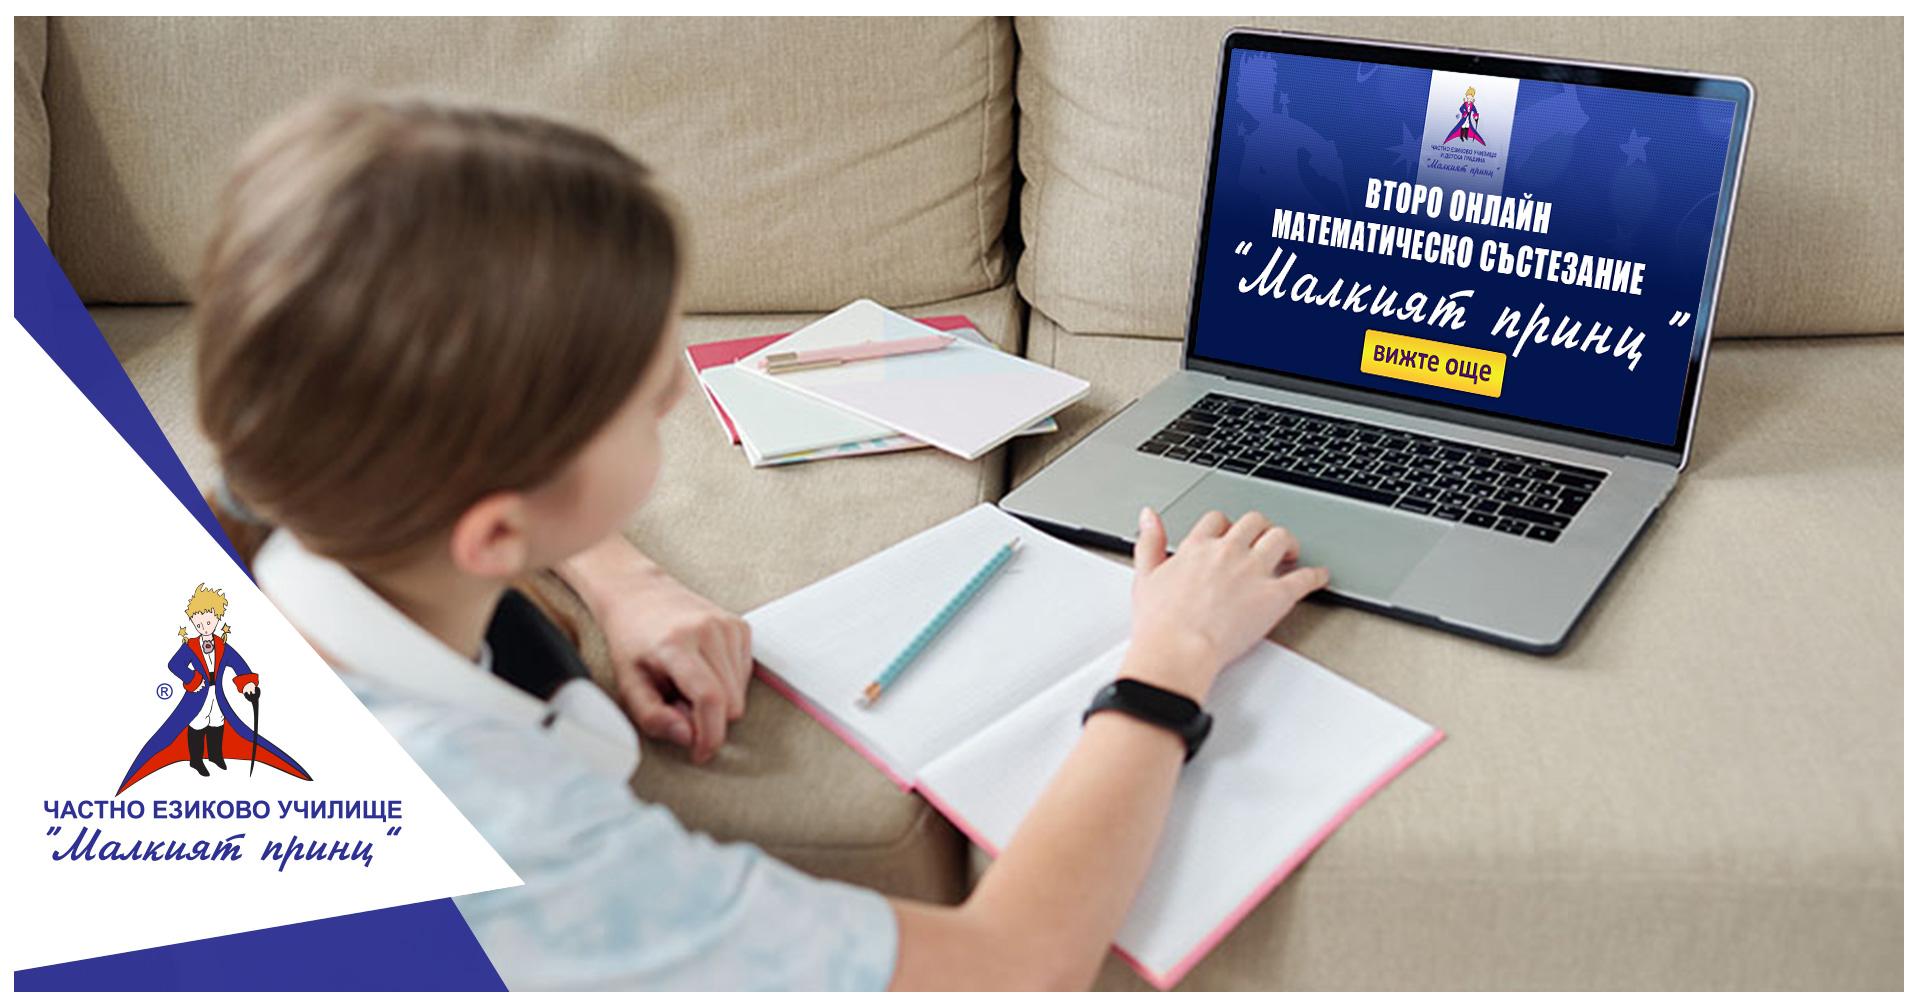 Онлайн математическо състезание - Частно училище